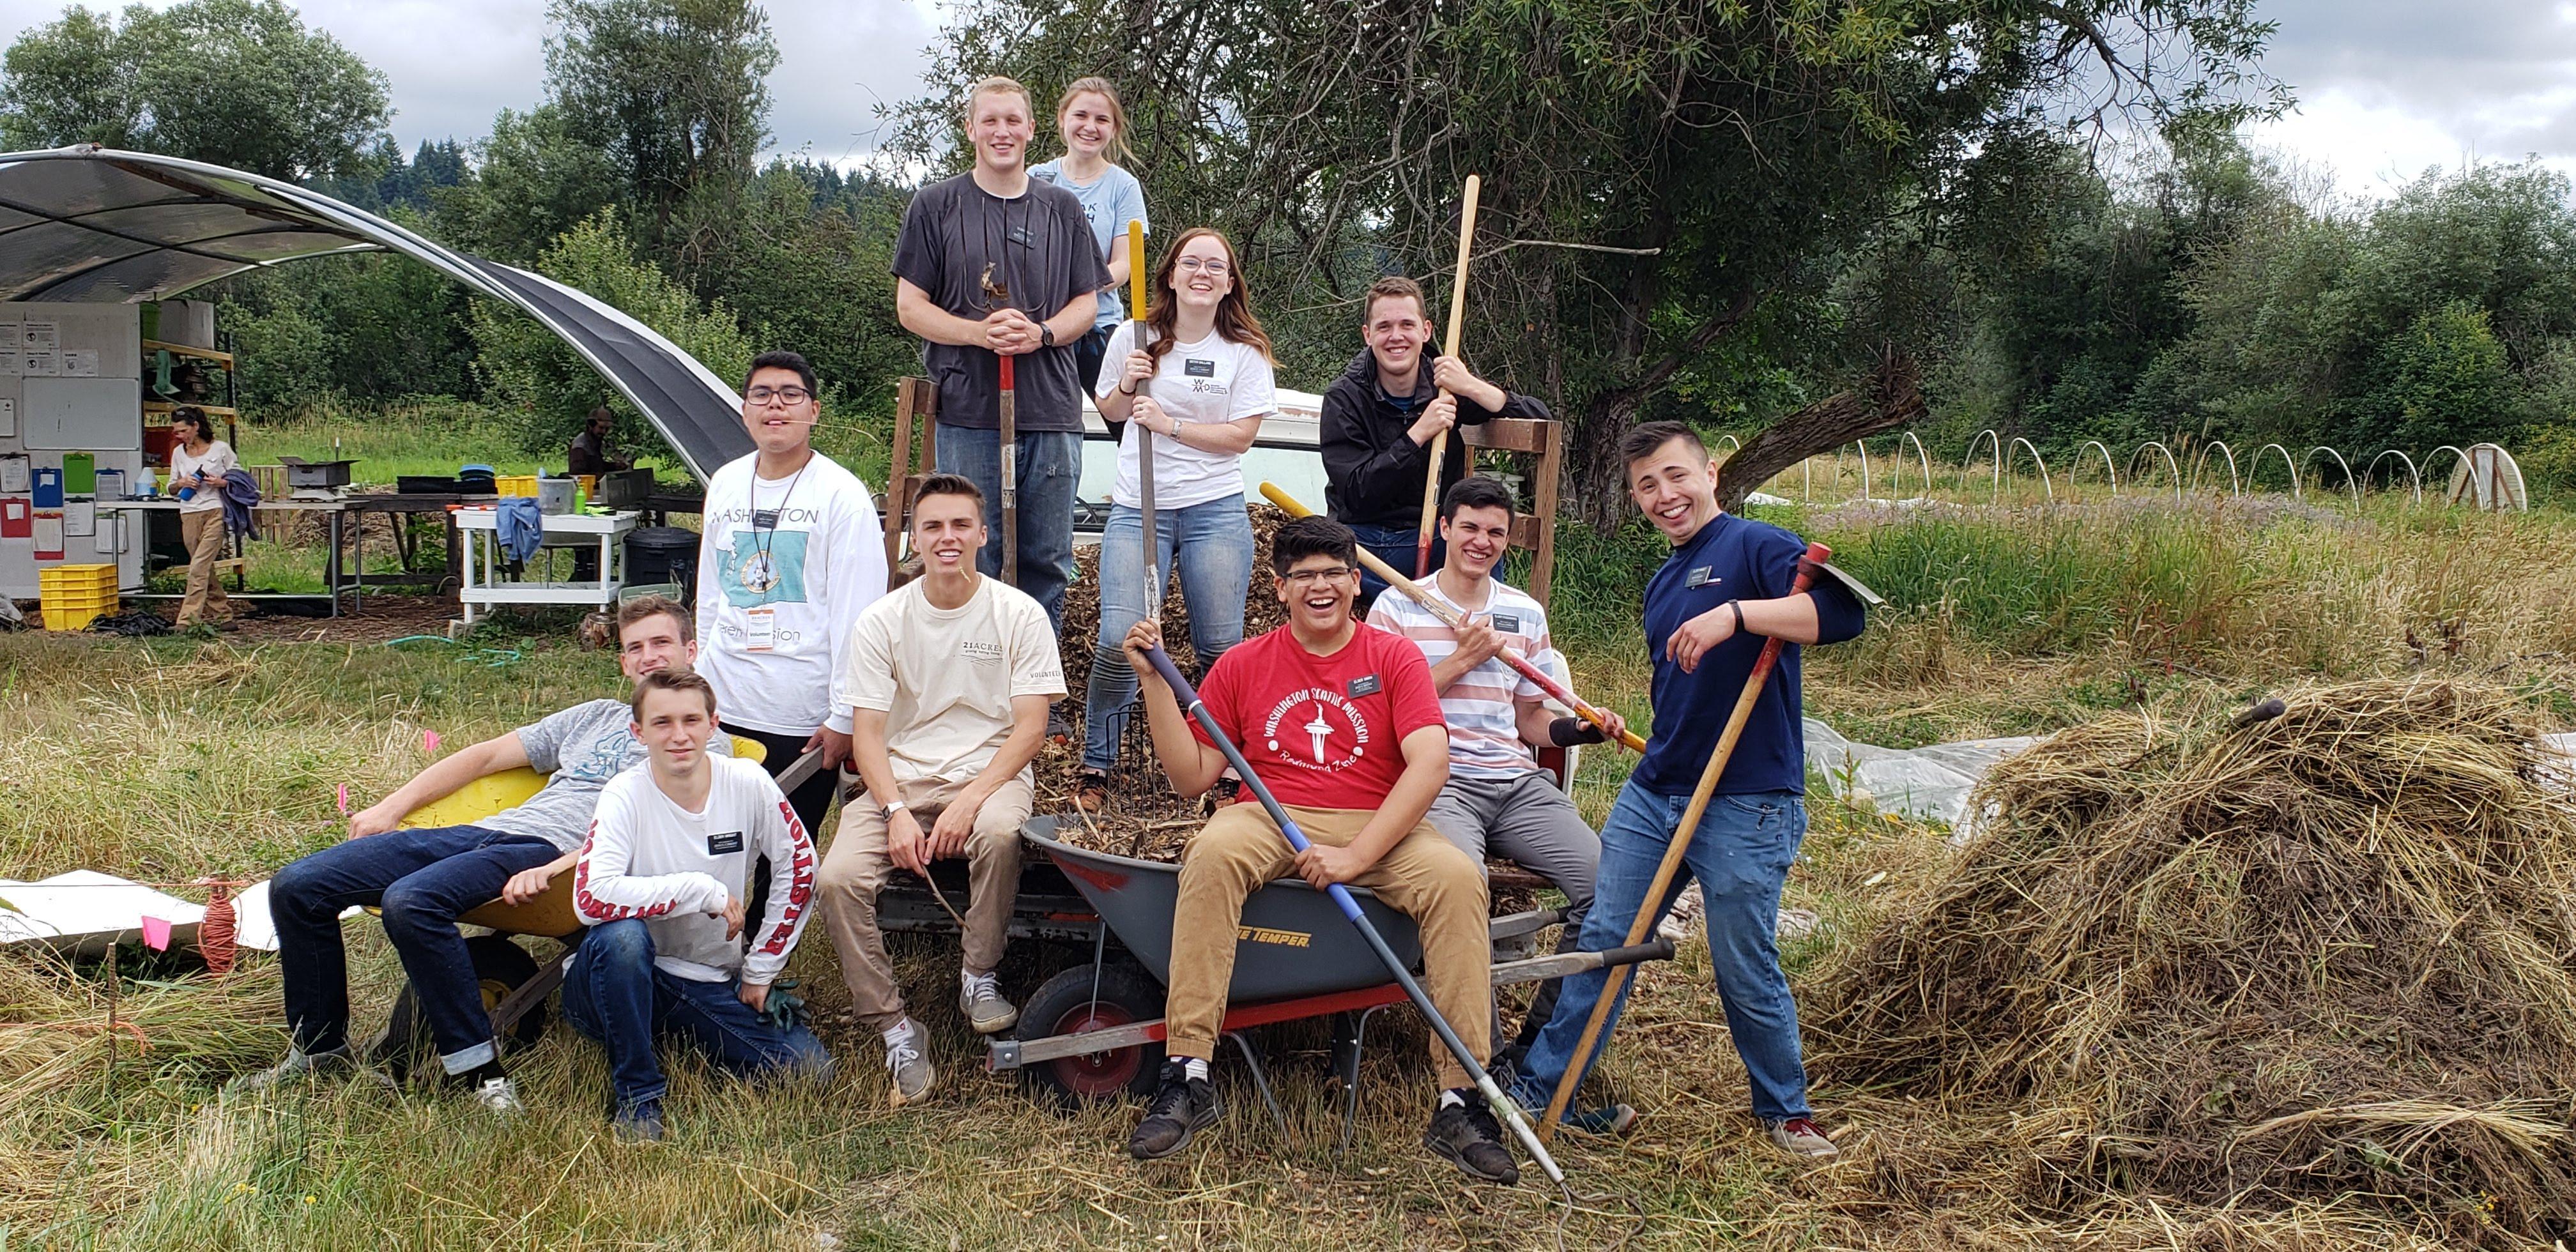 21 Acres Saturday Volunteer Work Parties - Seasonal Farm Projects!